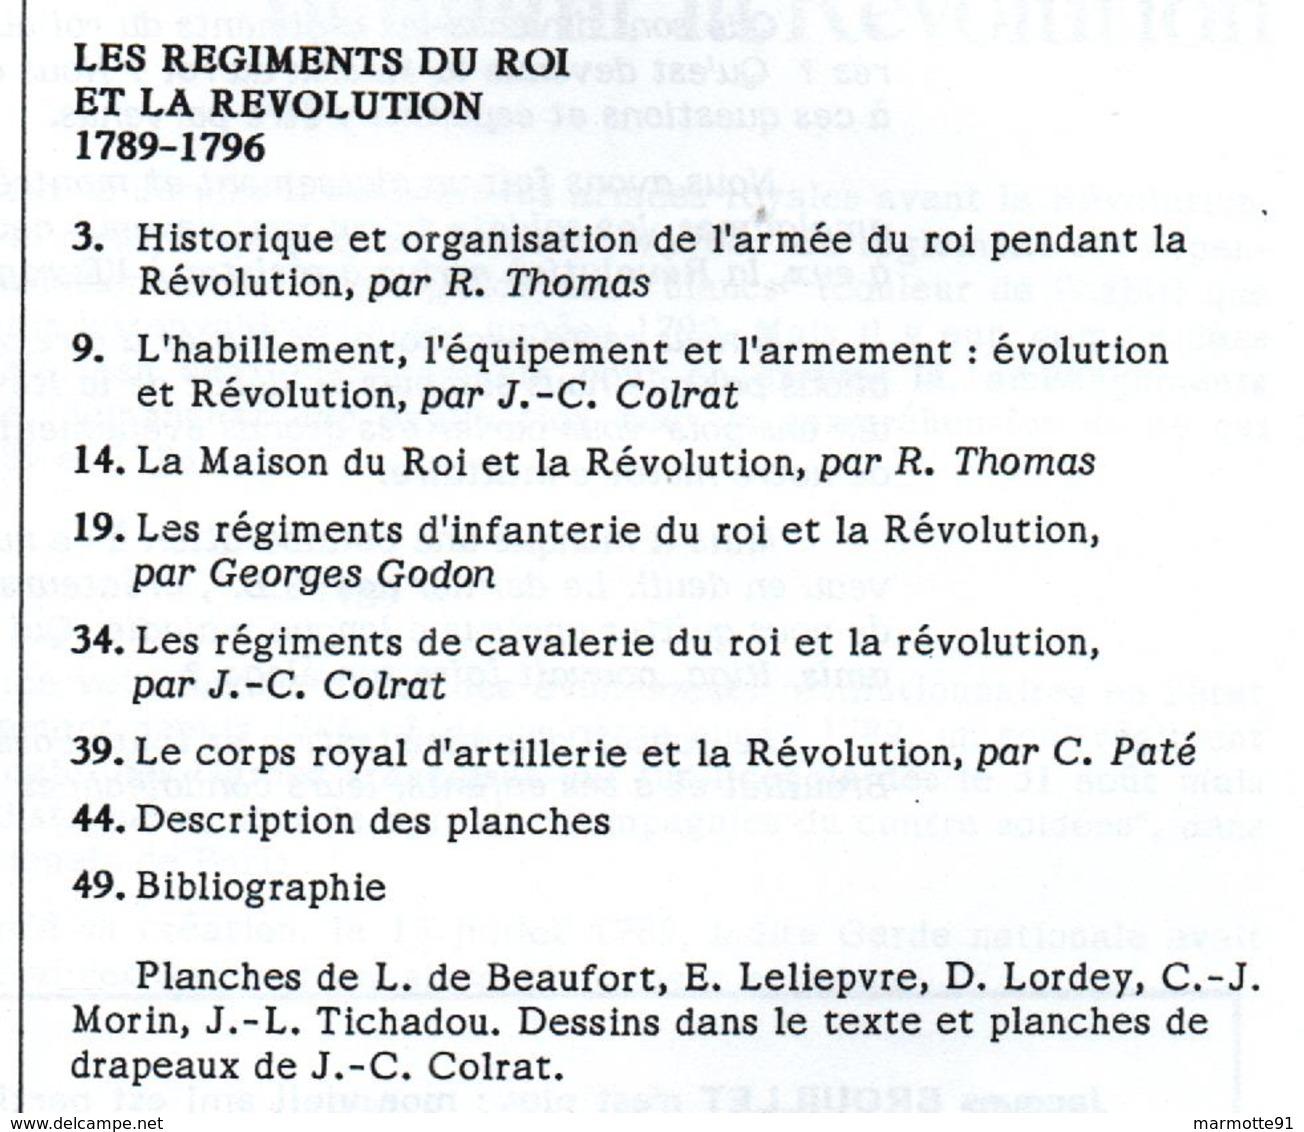 LE  BRIQUET  LES REGIMENTS DU ROI ET LA REVOLUTION 1789 1796 - Books